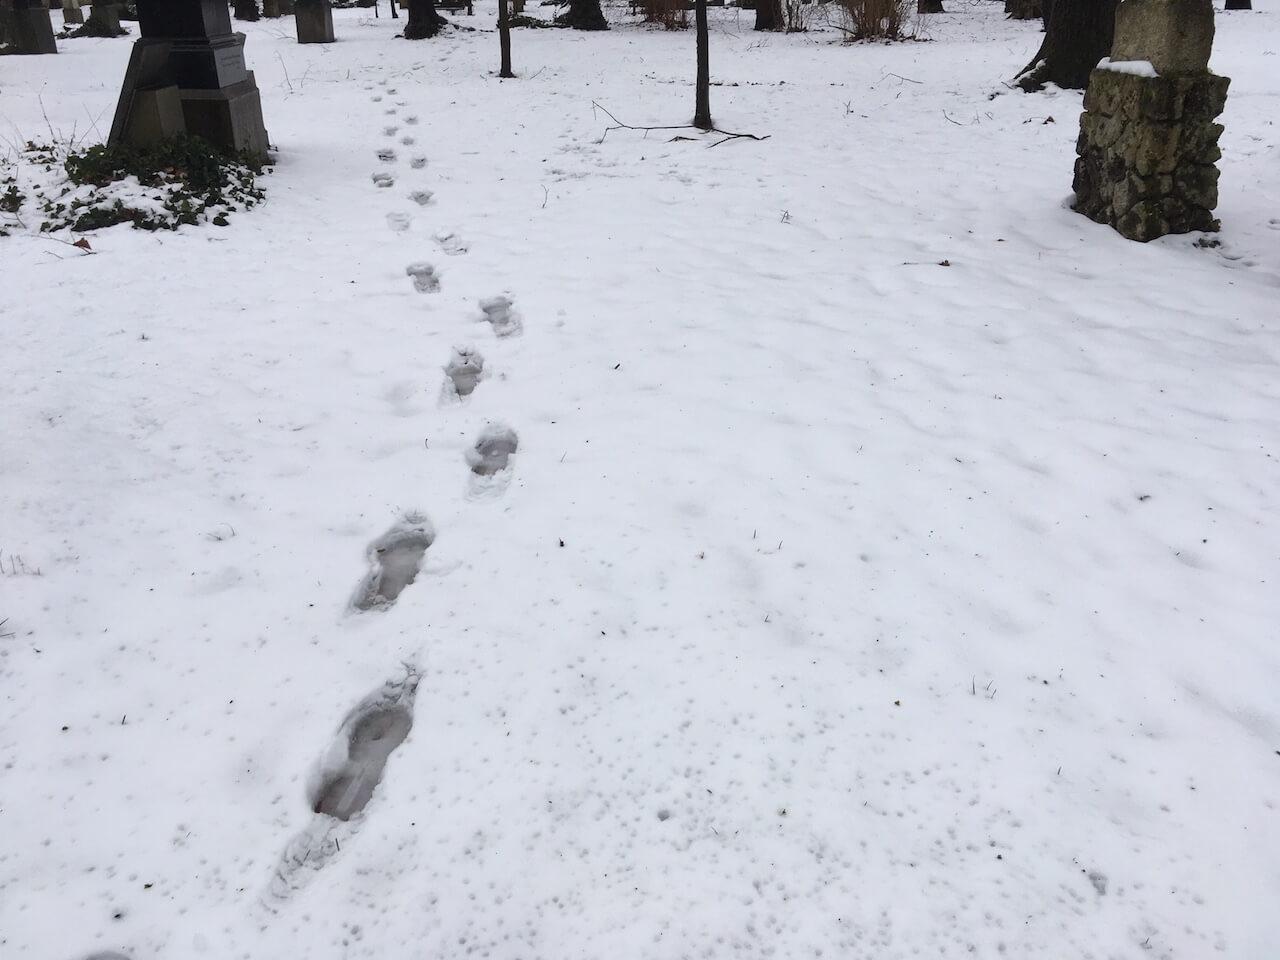 Einsame Fußspuren im Schnee